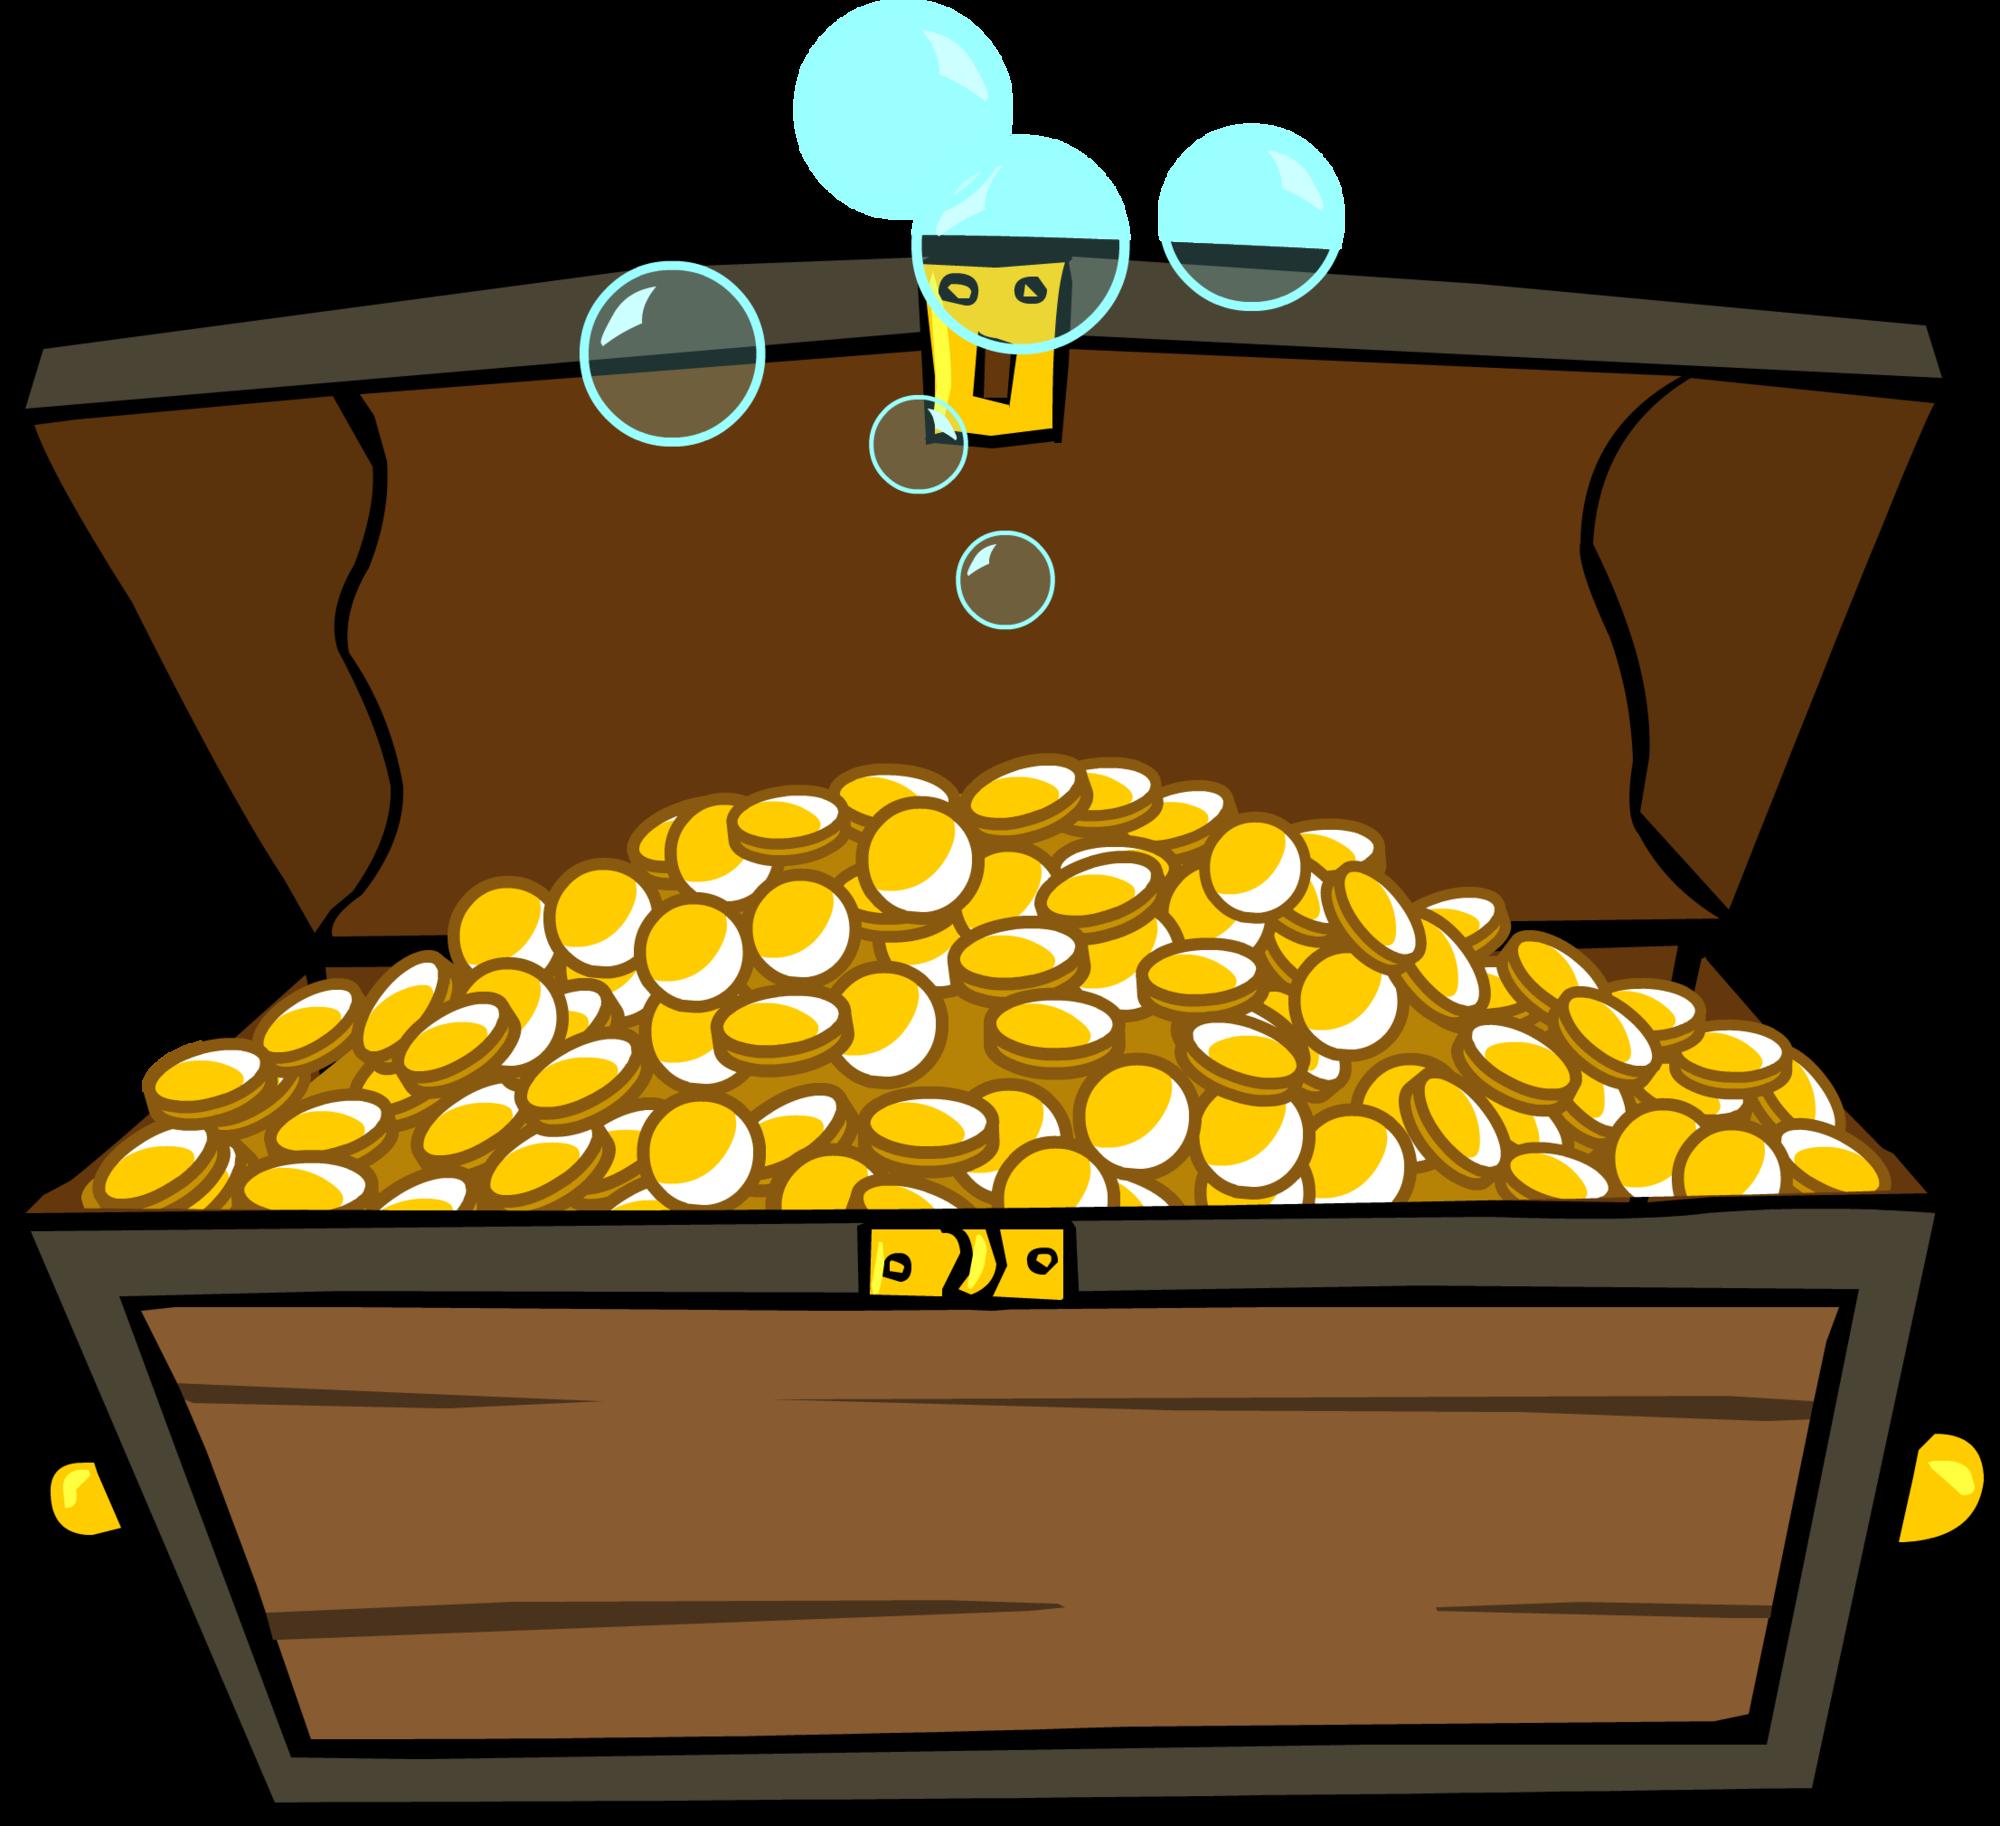 Treasure clipart under sea. Image chest id sprite